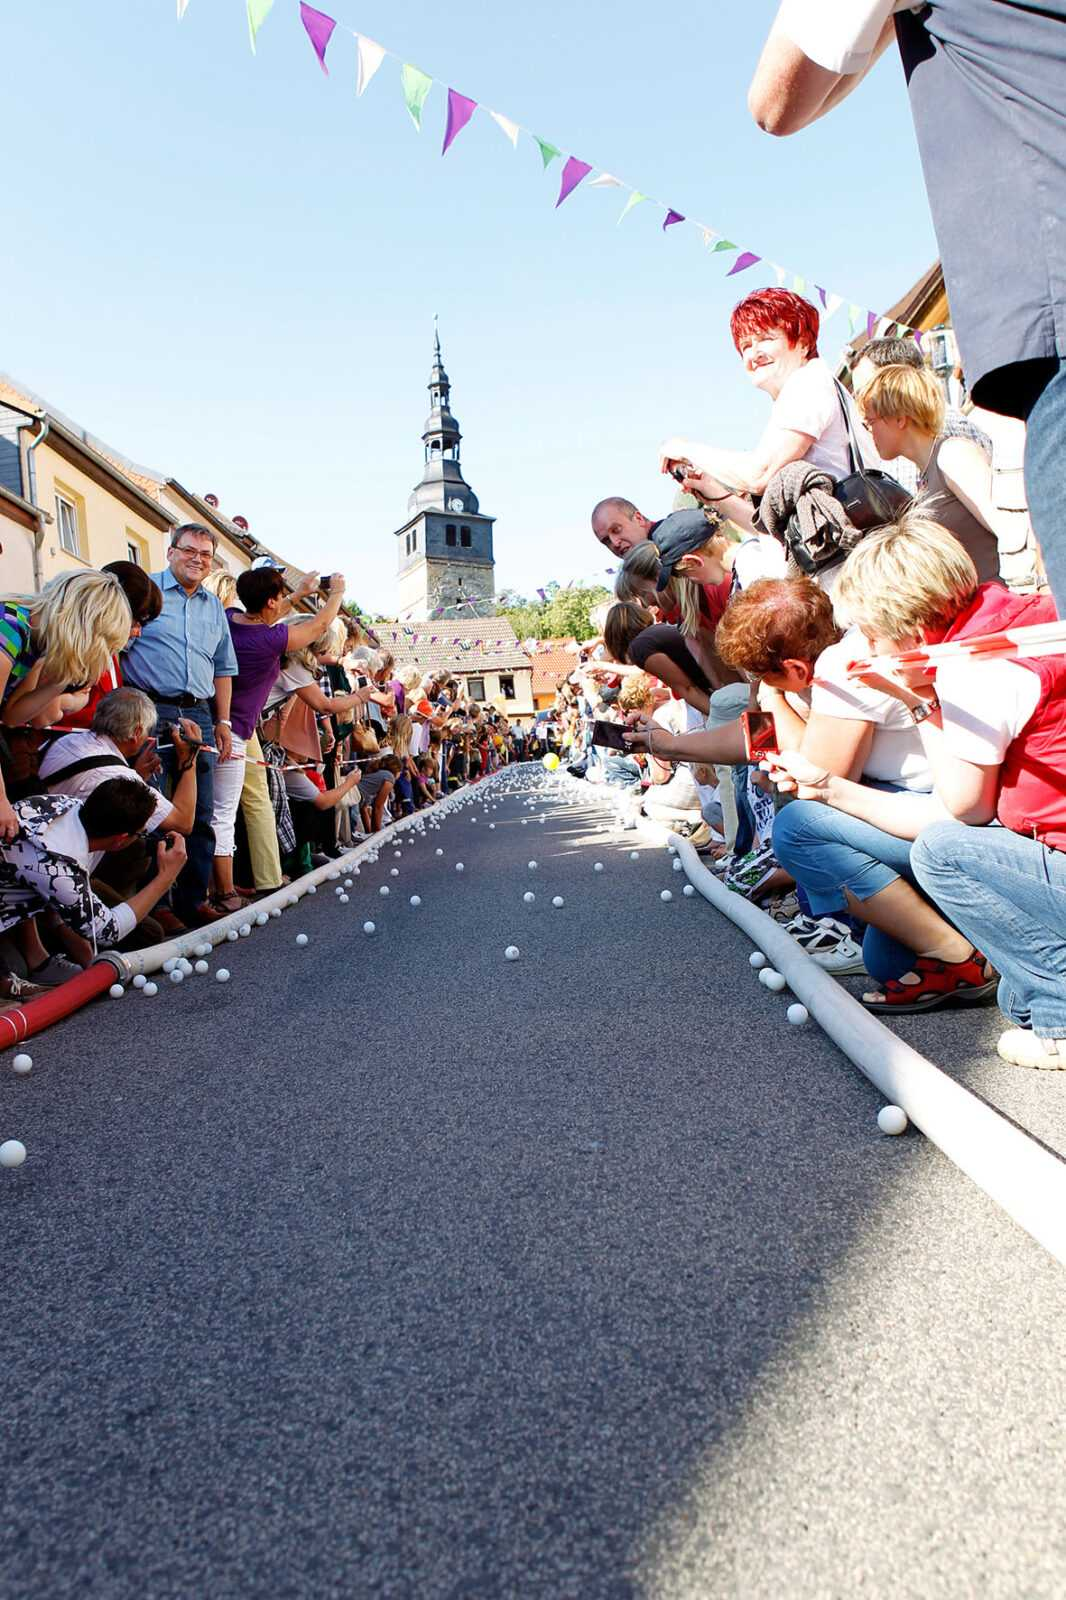 Ballrennen am Schiefen Turm – 24.5.2014 ab 15 Uhr